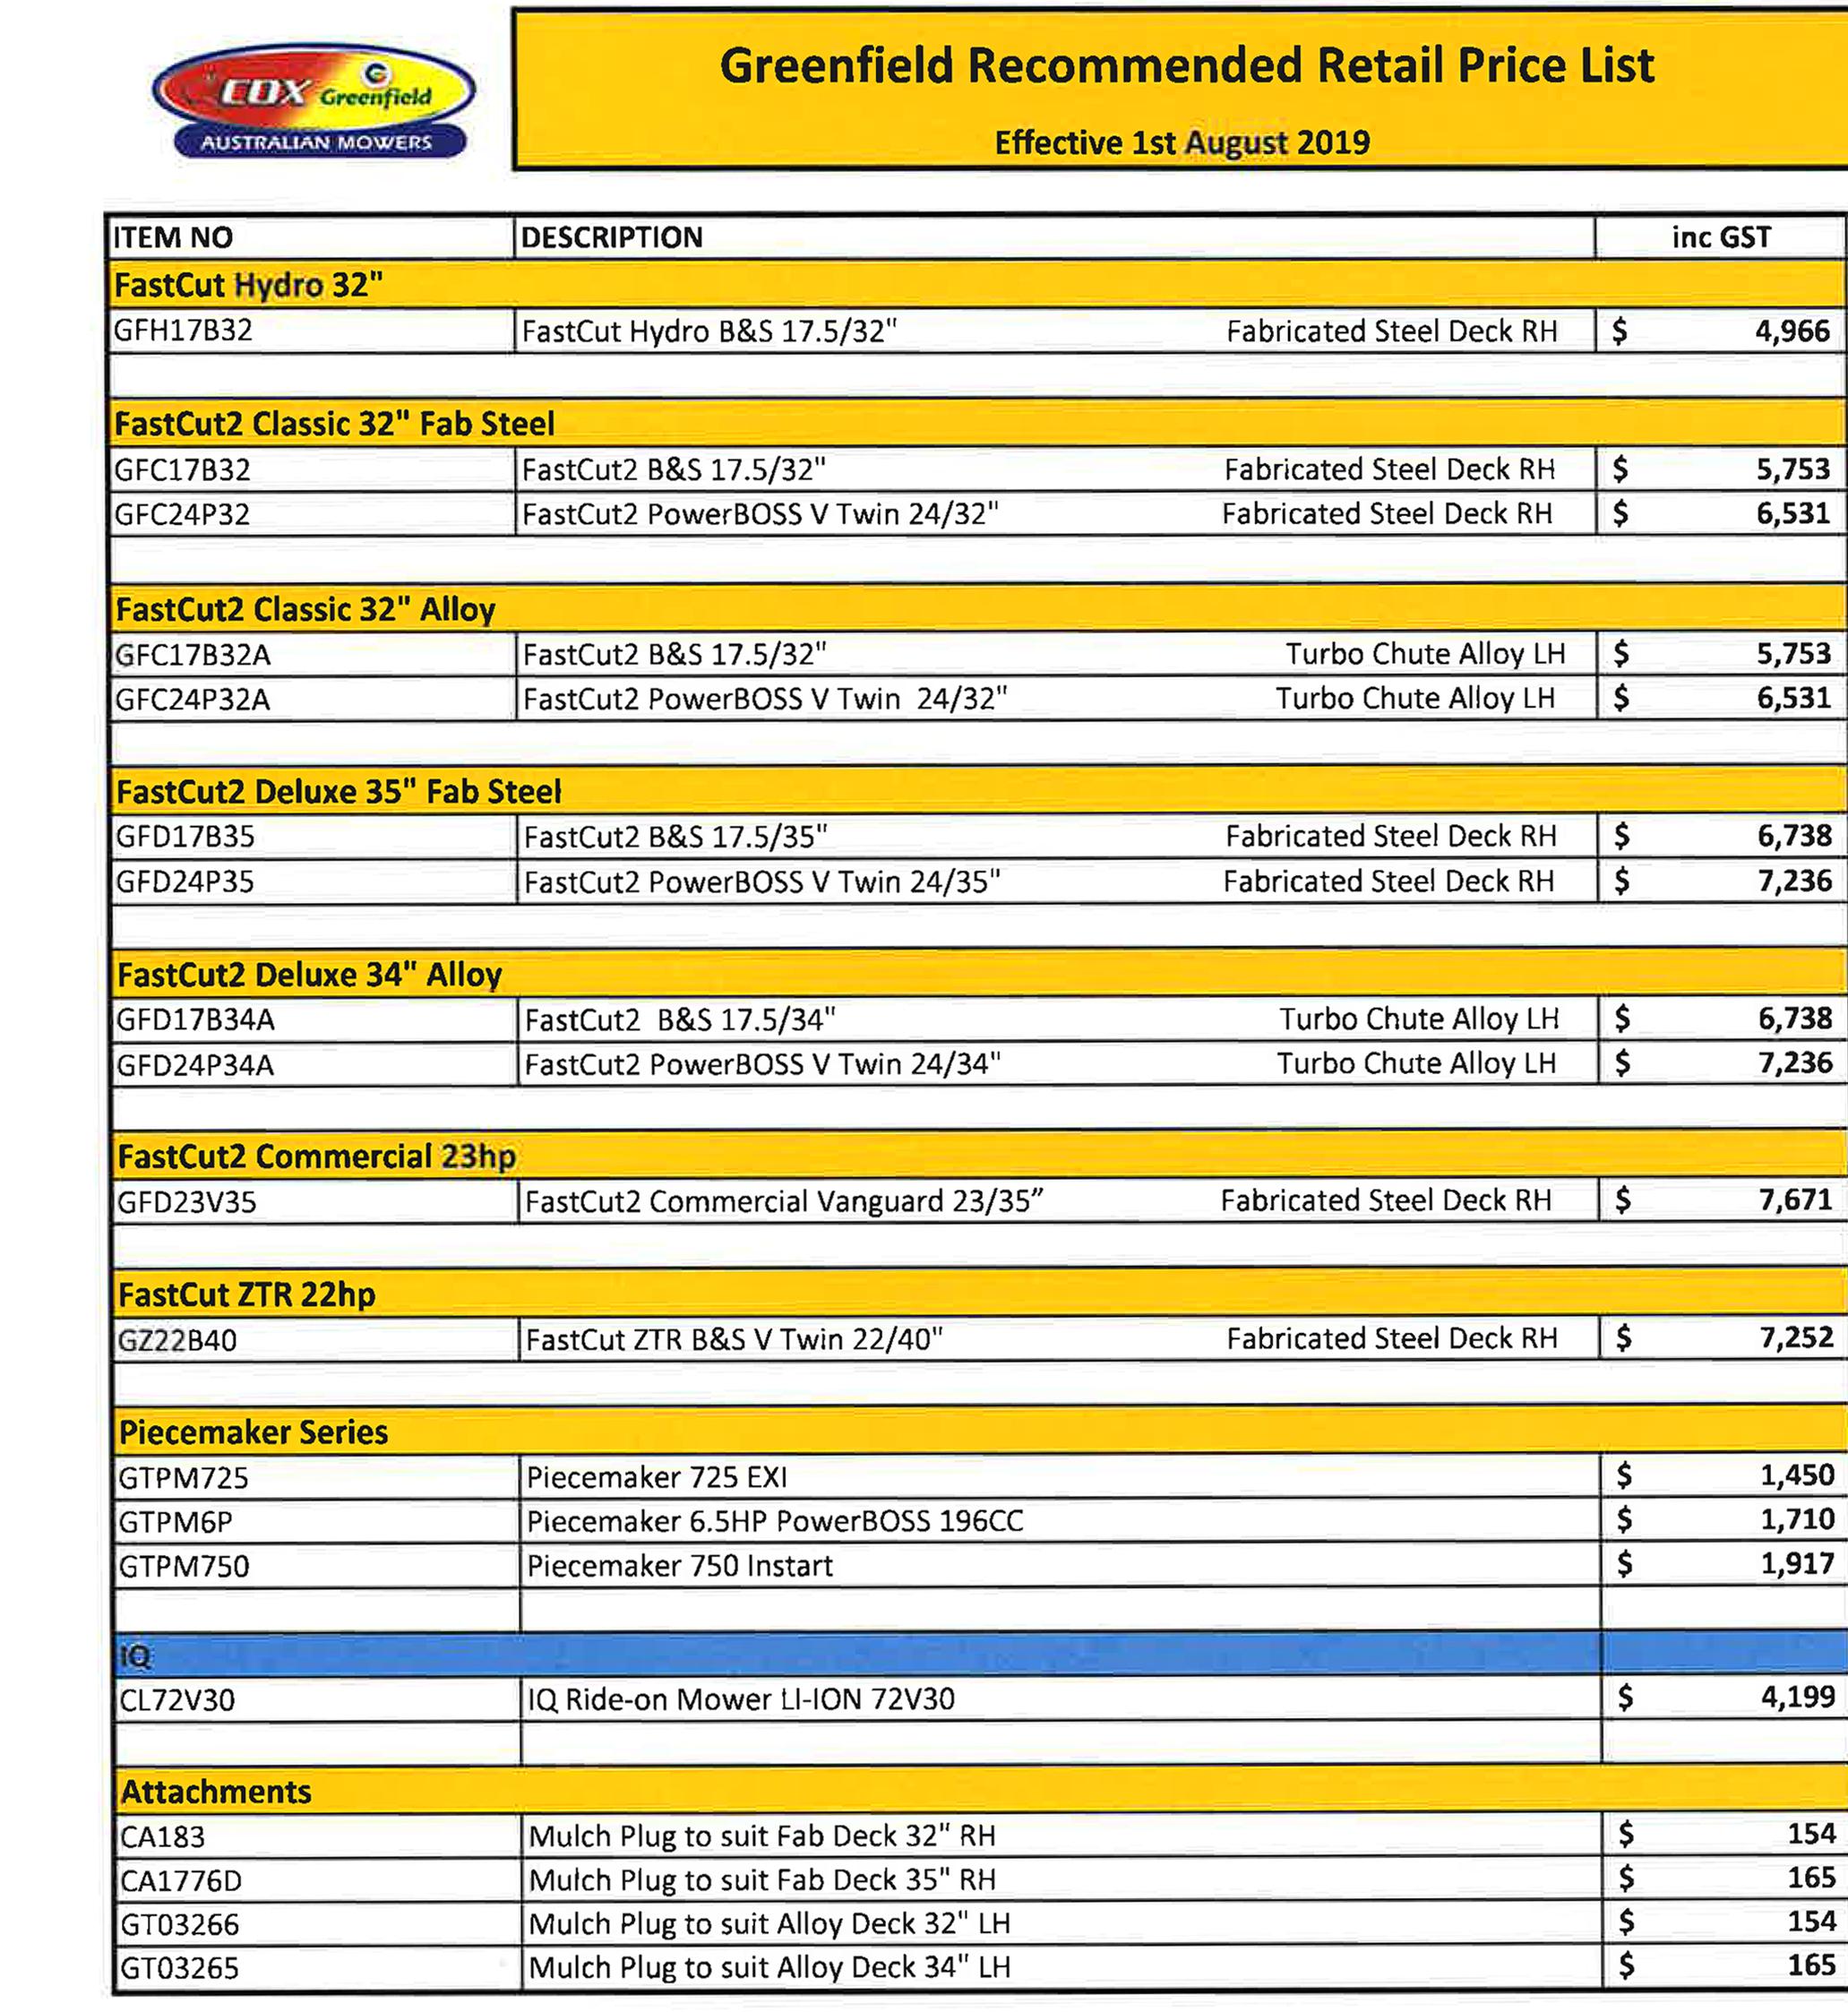 Price List Update